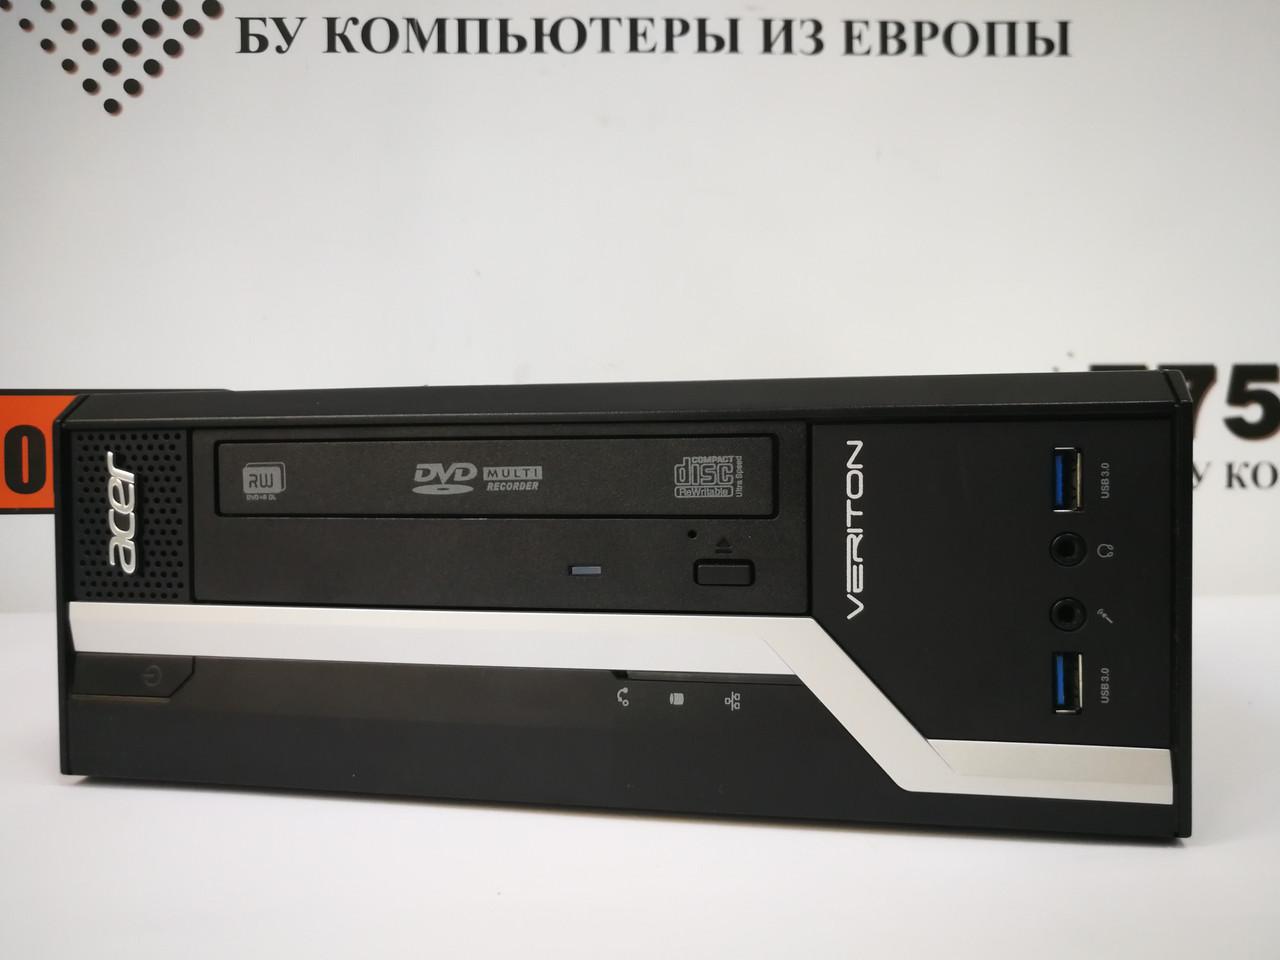 Компьютер Acer X4630G SFF, Intel Celeron G1820 2.7GHz, RAM 4ГБ, HDD 250ГБ/SSD 120ГБ